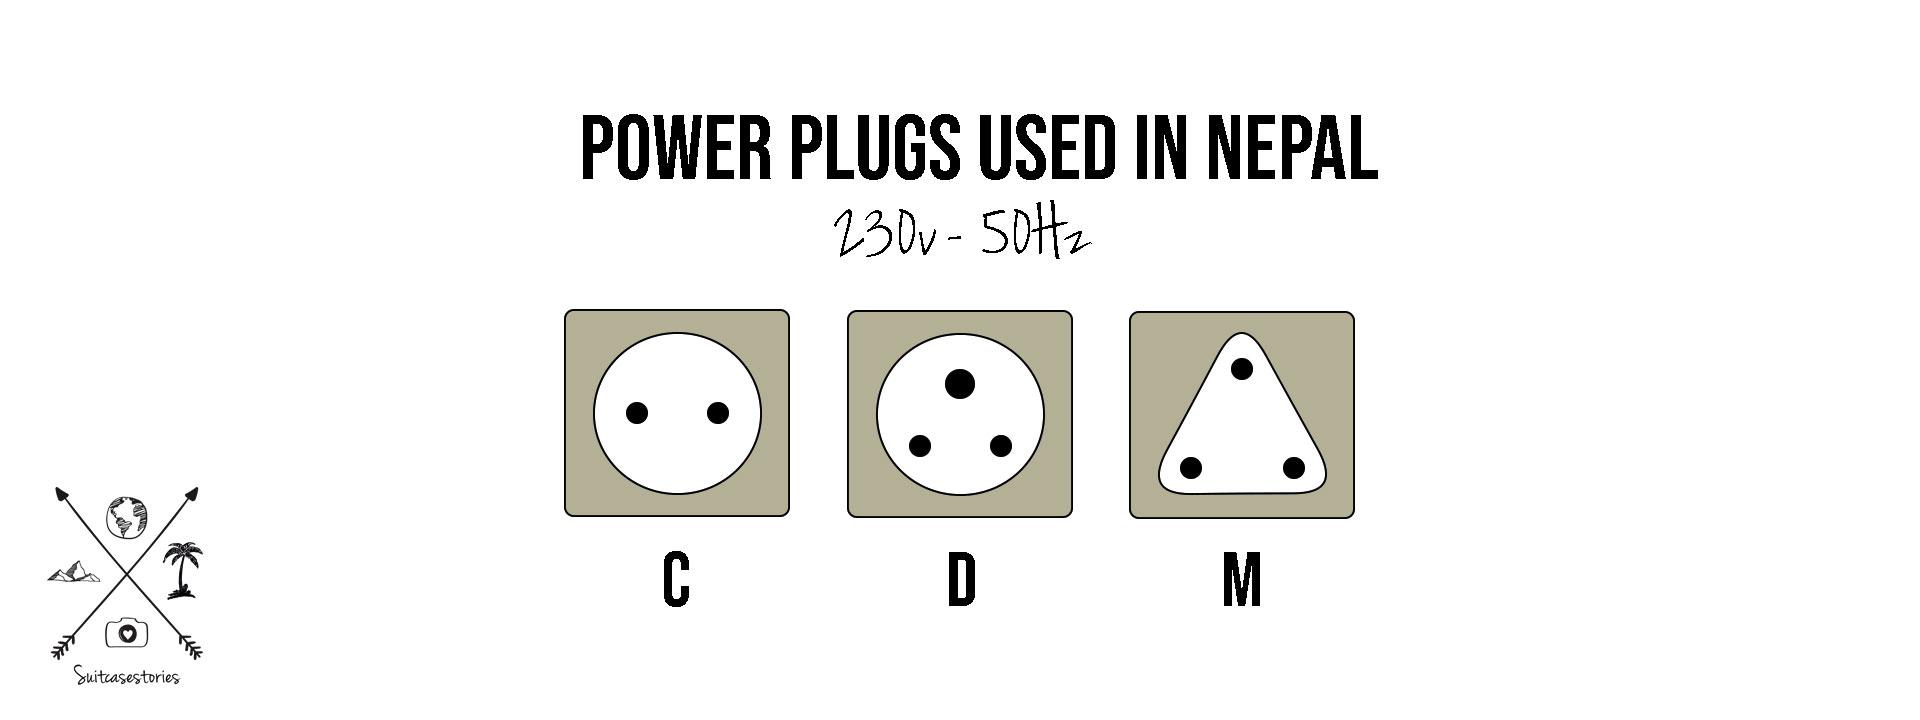 Power sockets in Nepal